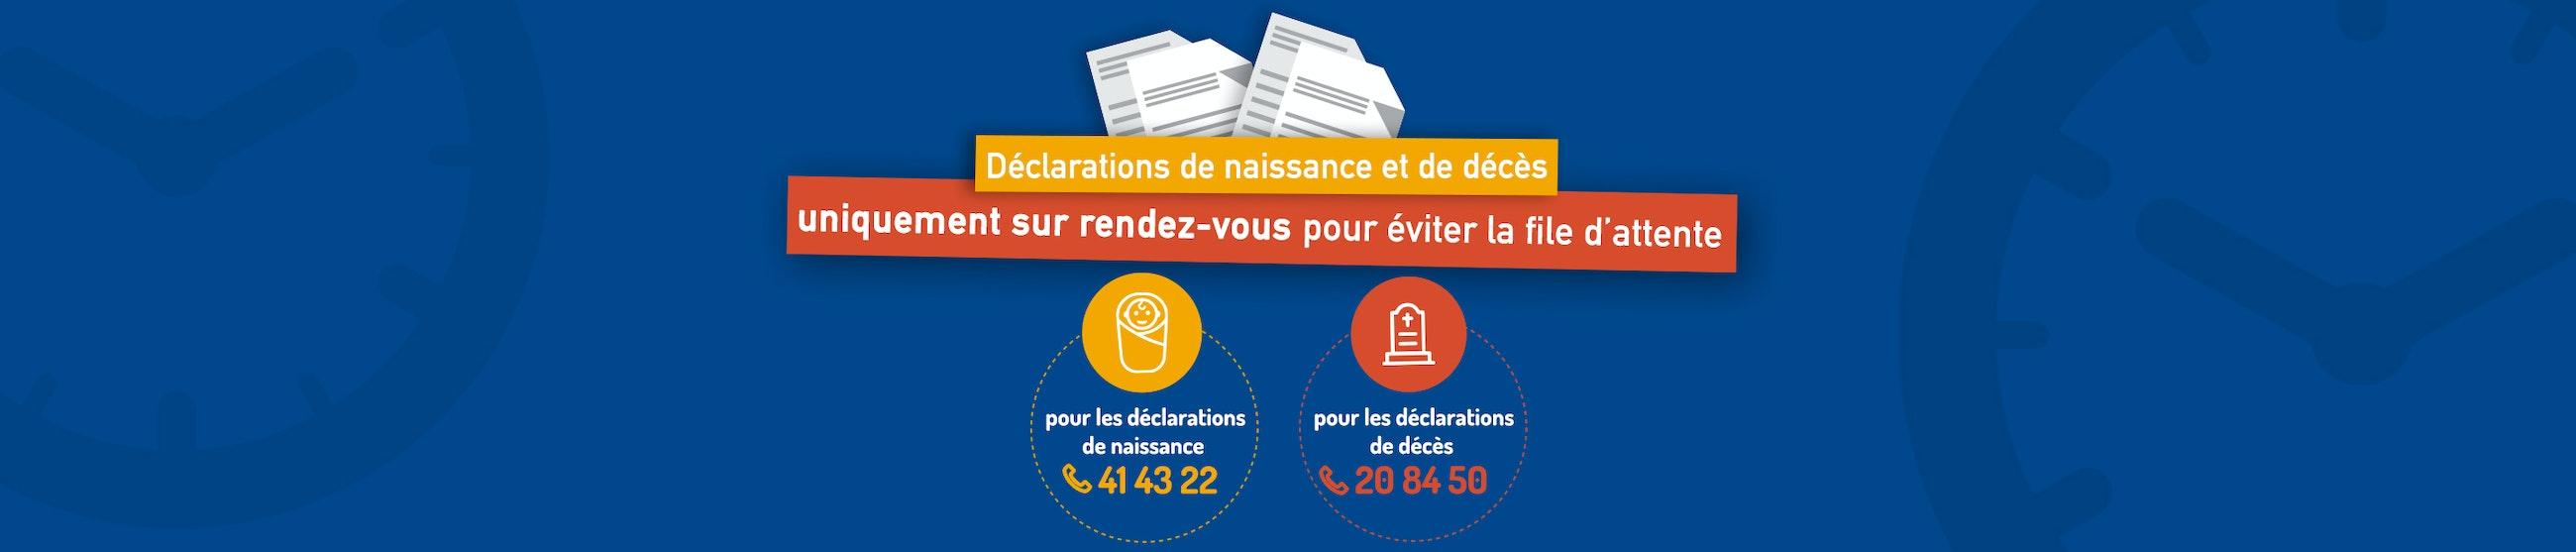 1618901008 slider site declaration naissance et deces